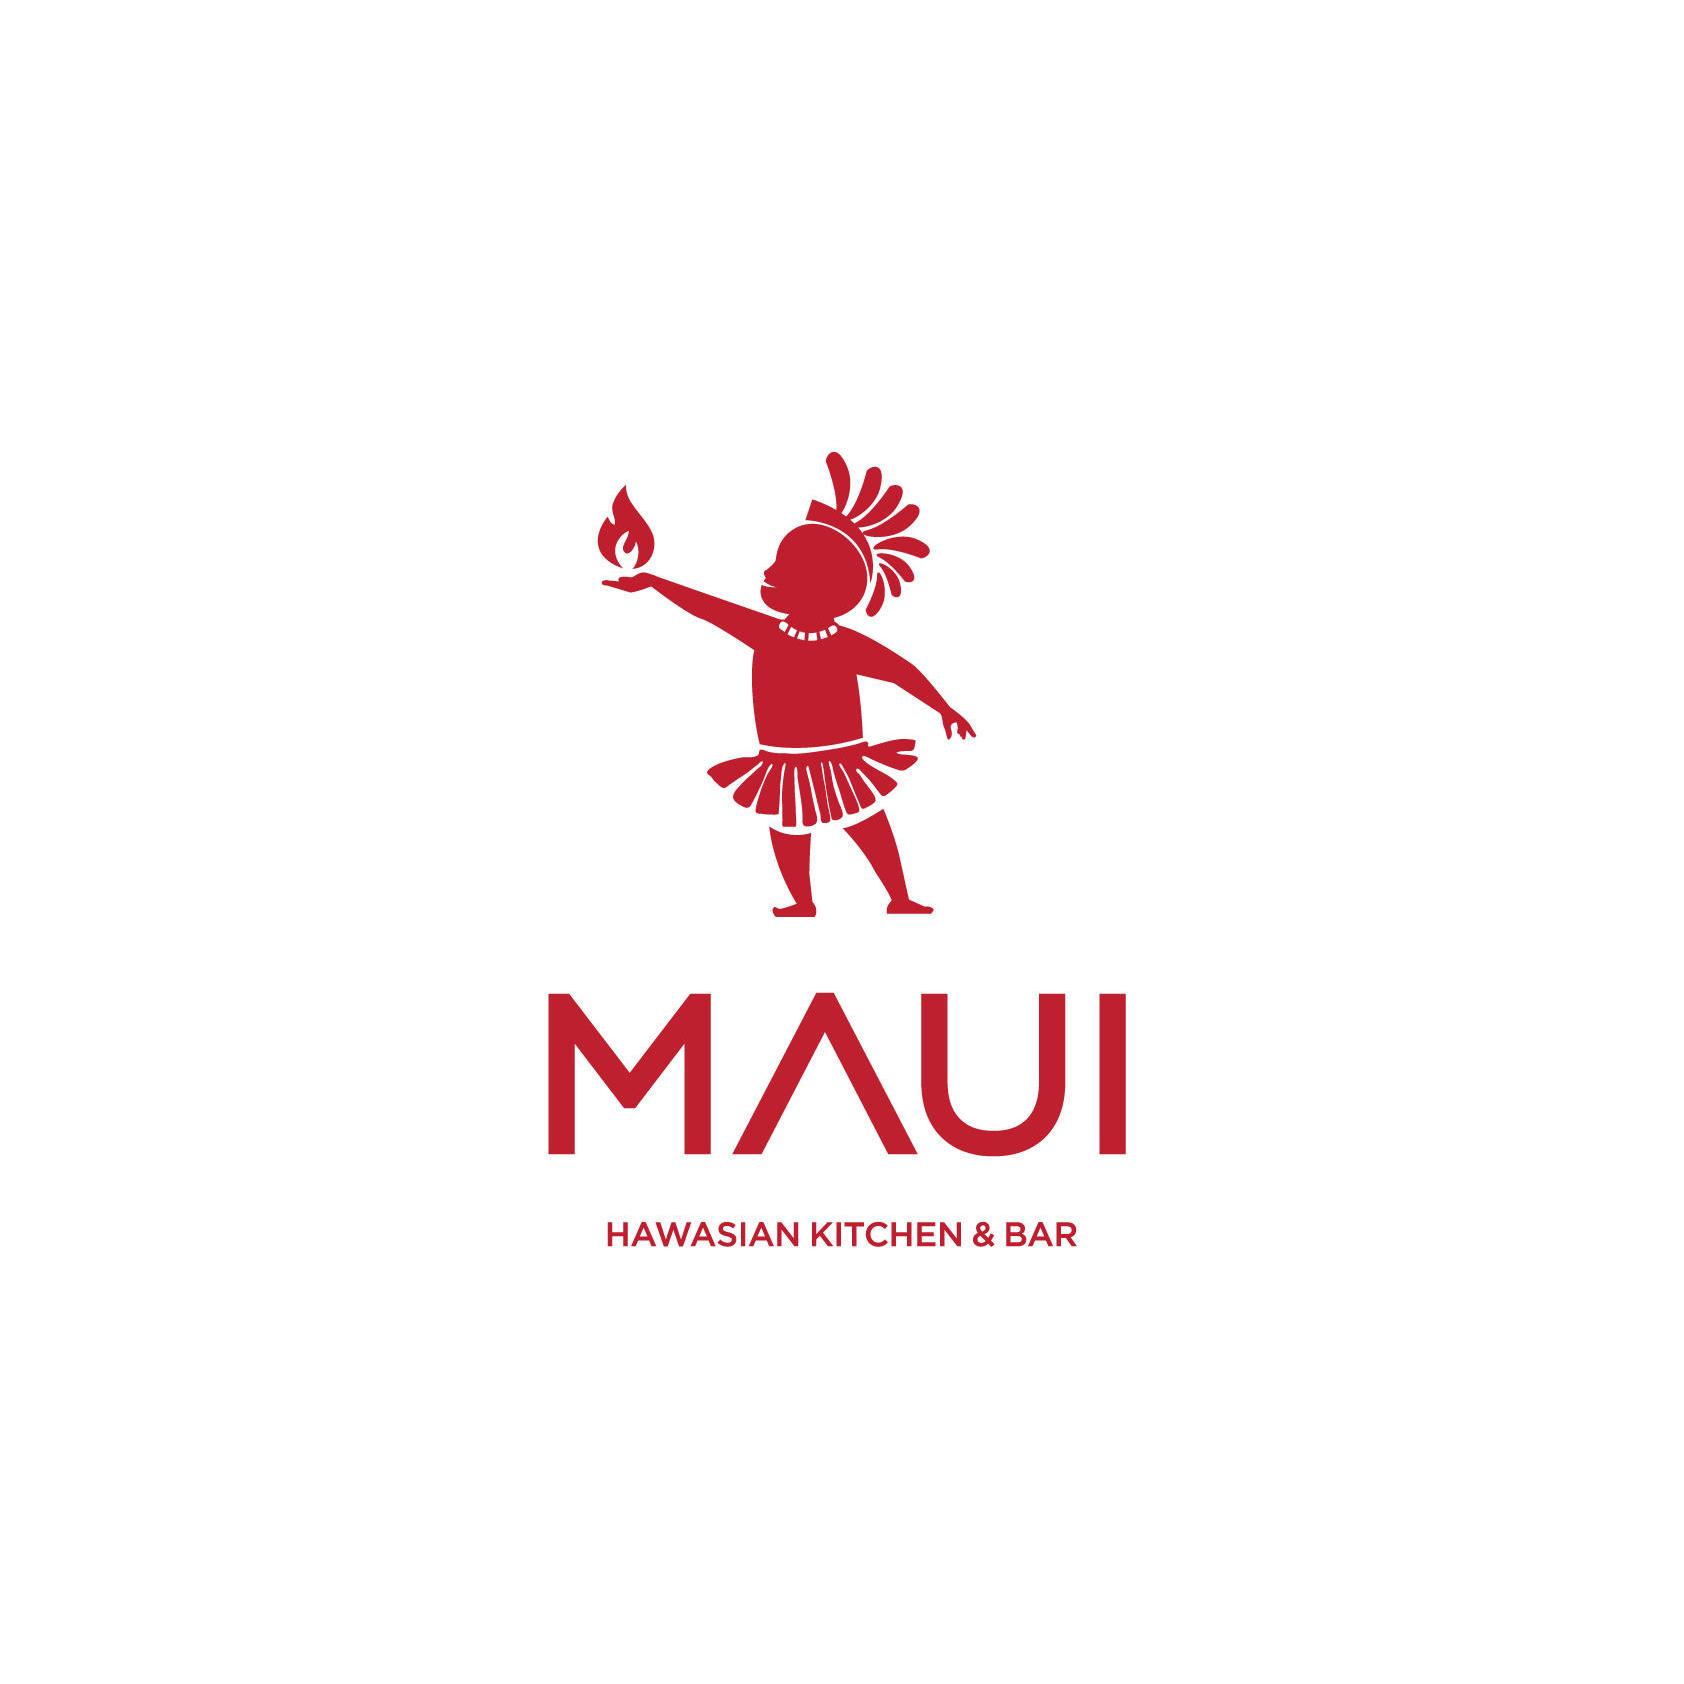 MAUI Hawasian Kitchen & Bar